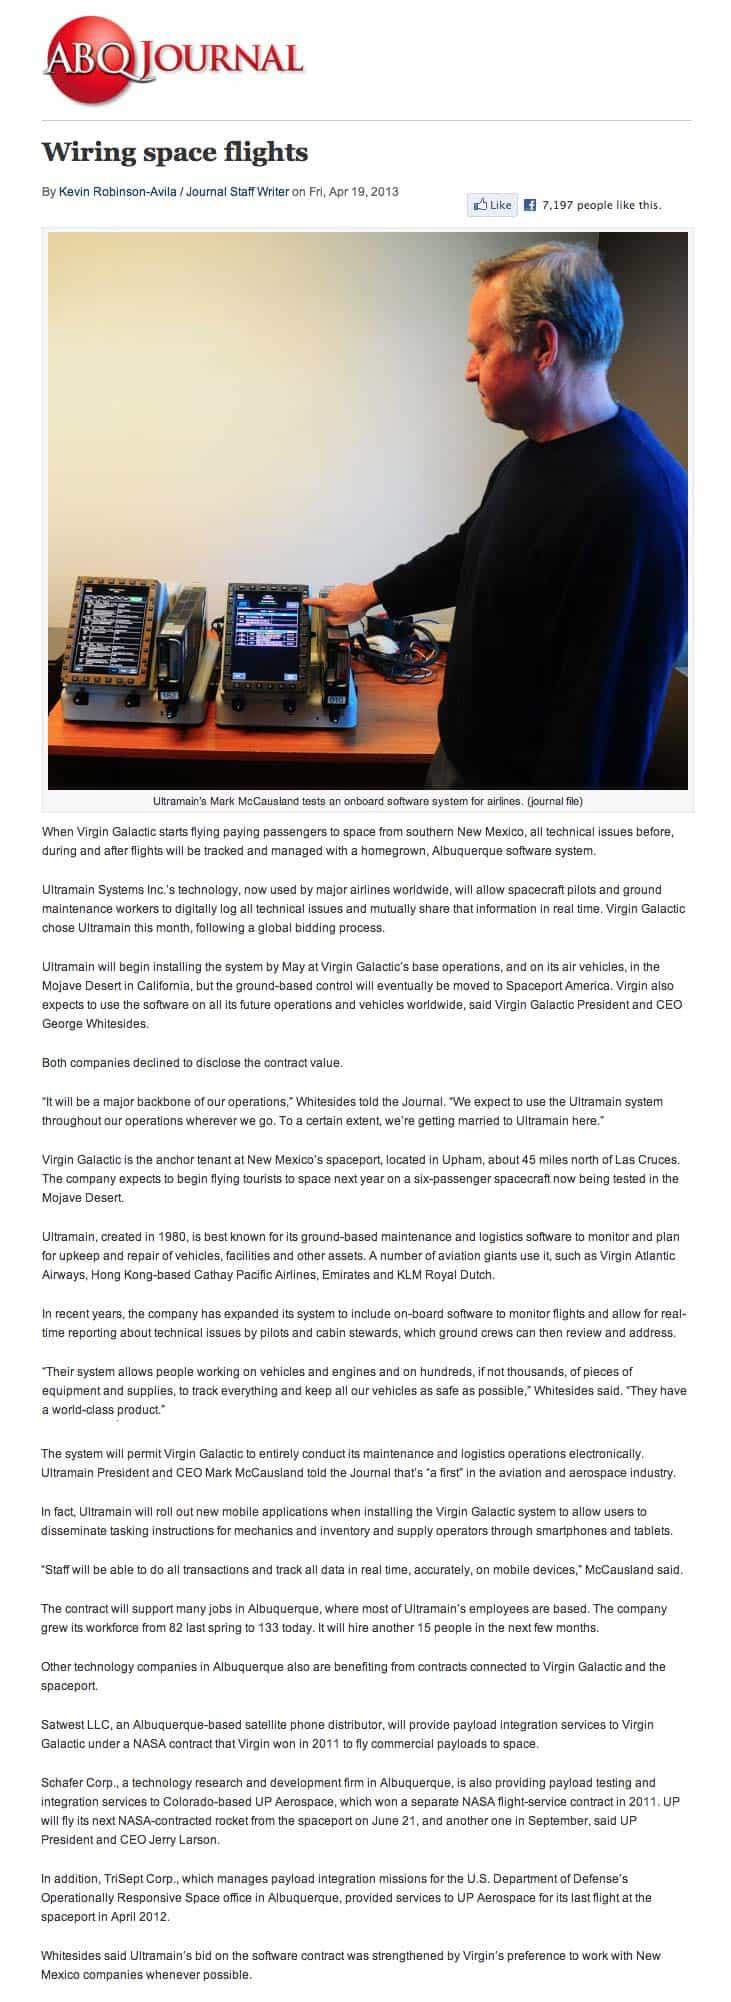 Albuquerque Business Chosen to Wire Space Flights